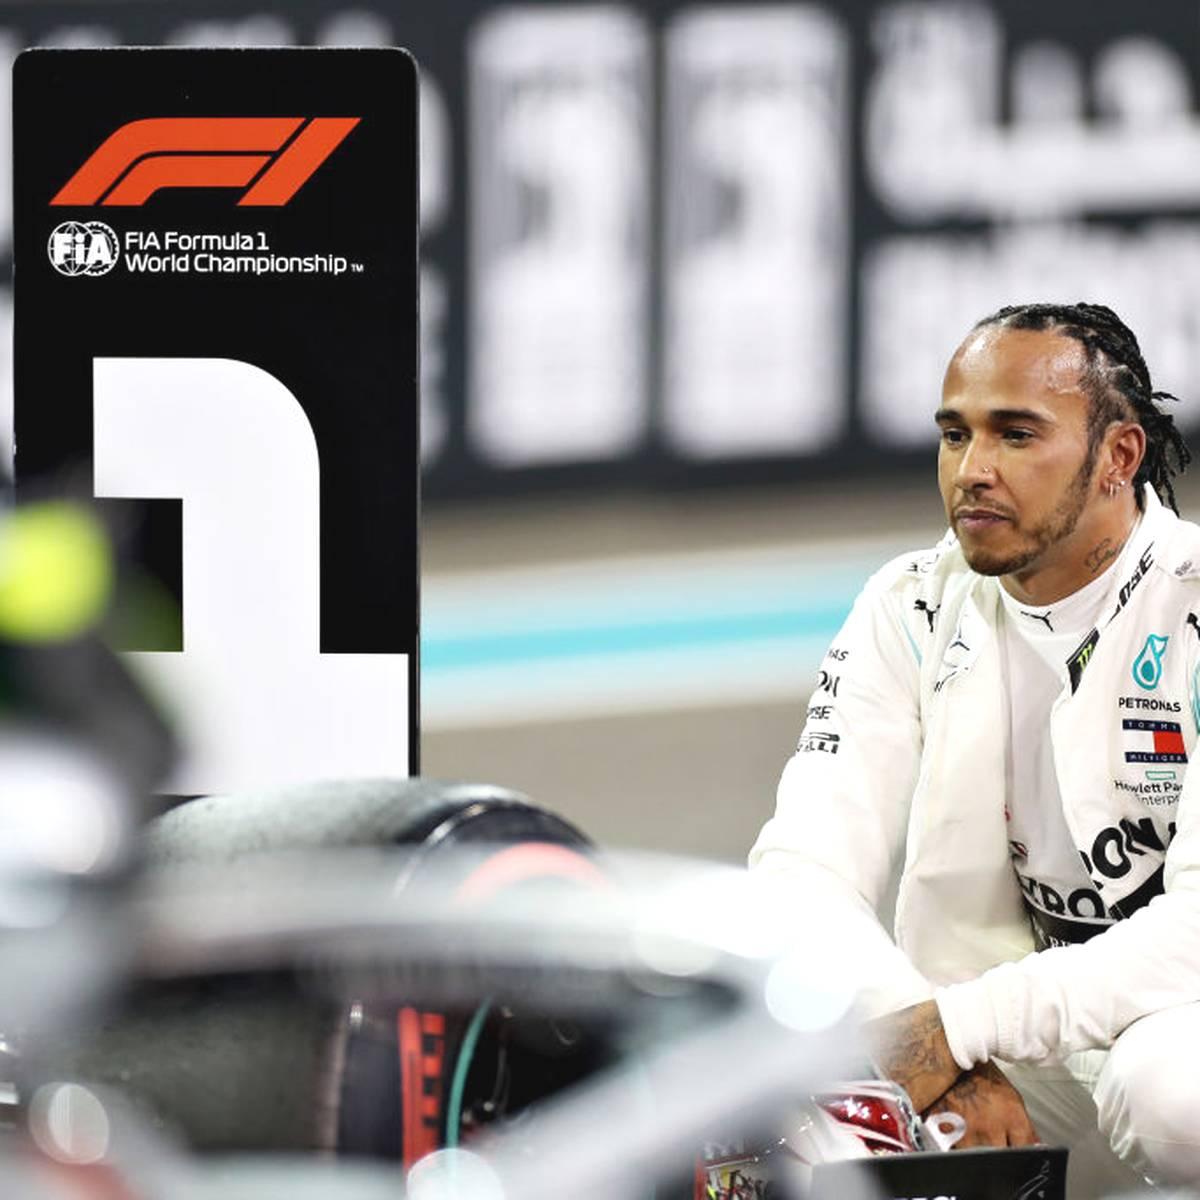 Tappt Hamilton in Schumacher-Falle?